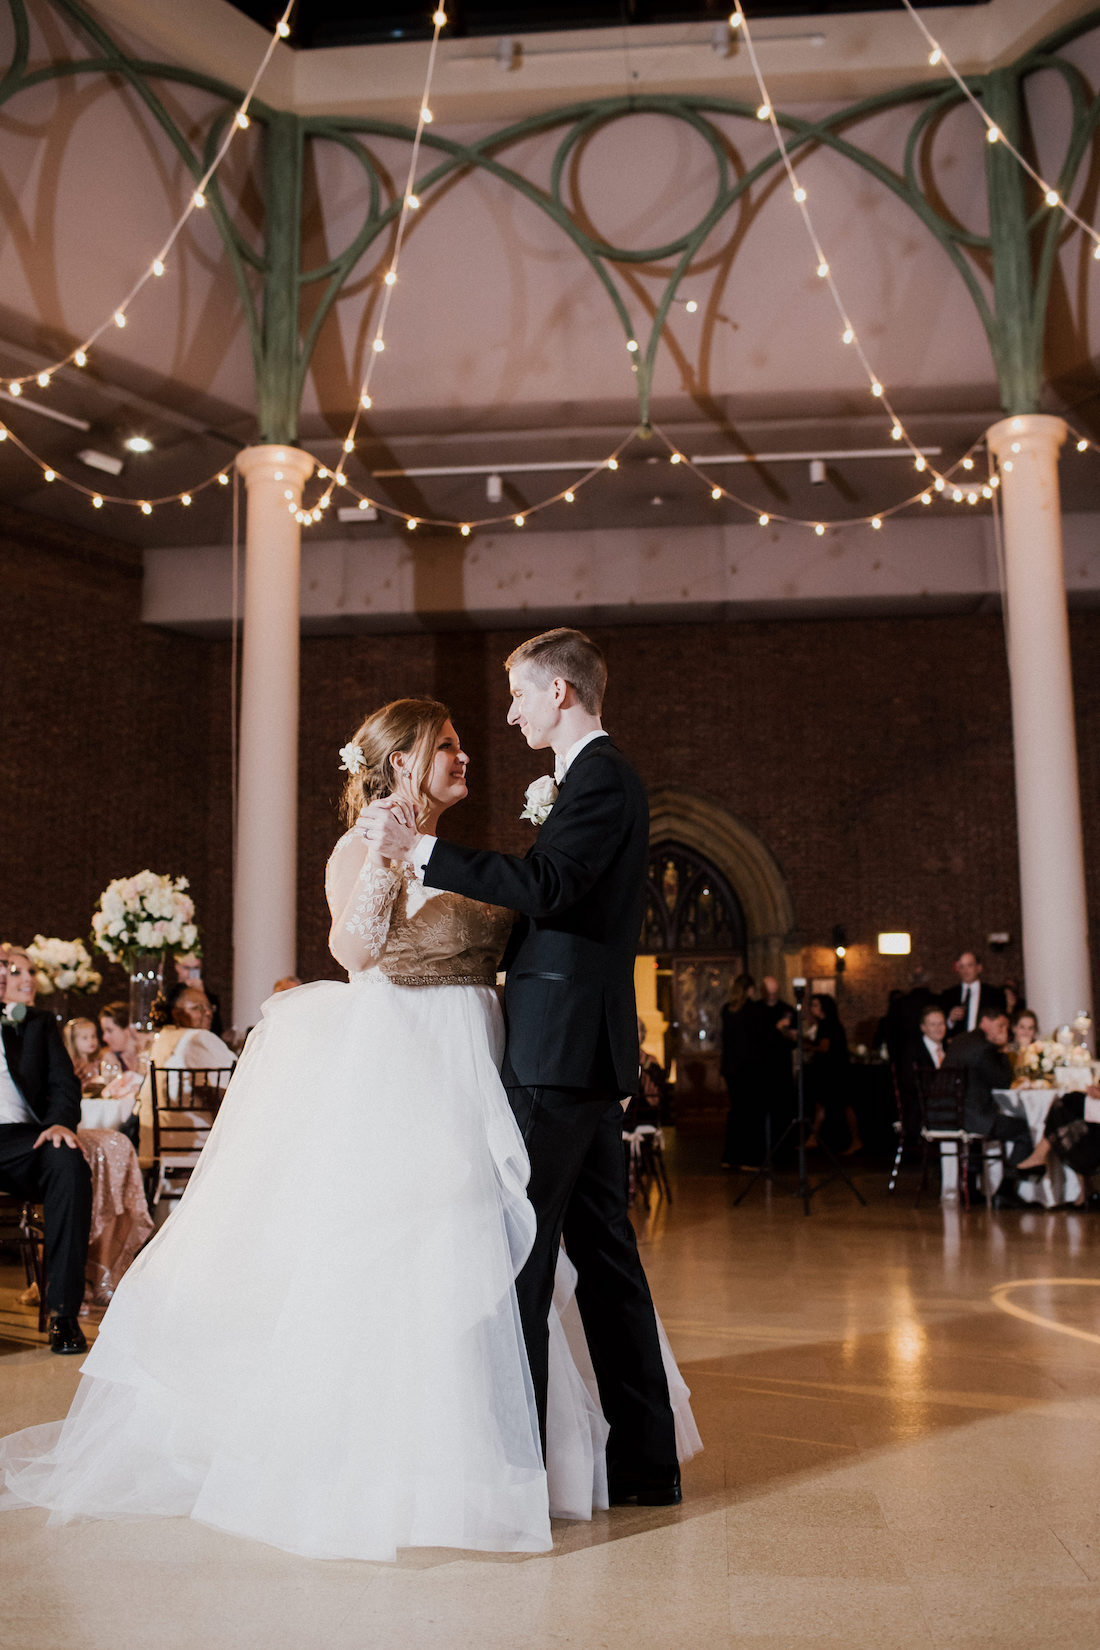 thecarrsphotography_lindsay_joe_wedding_0786.jpg